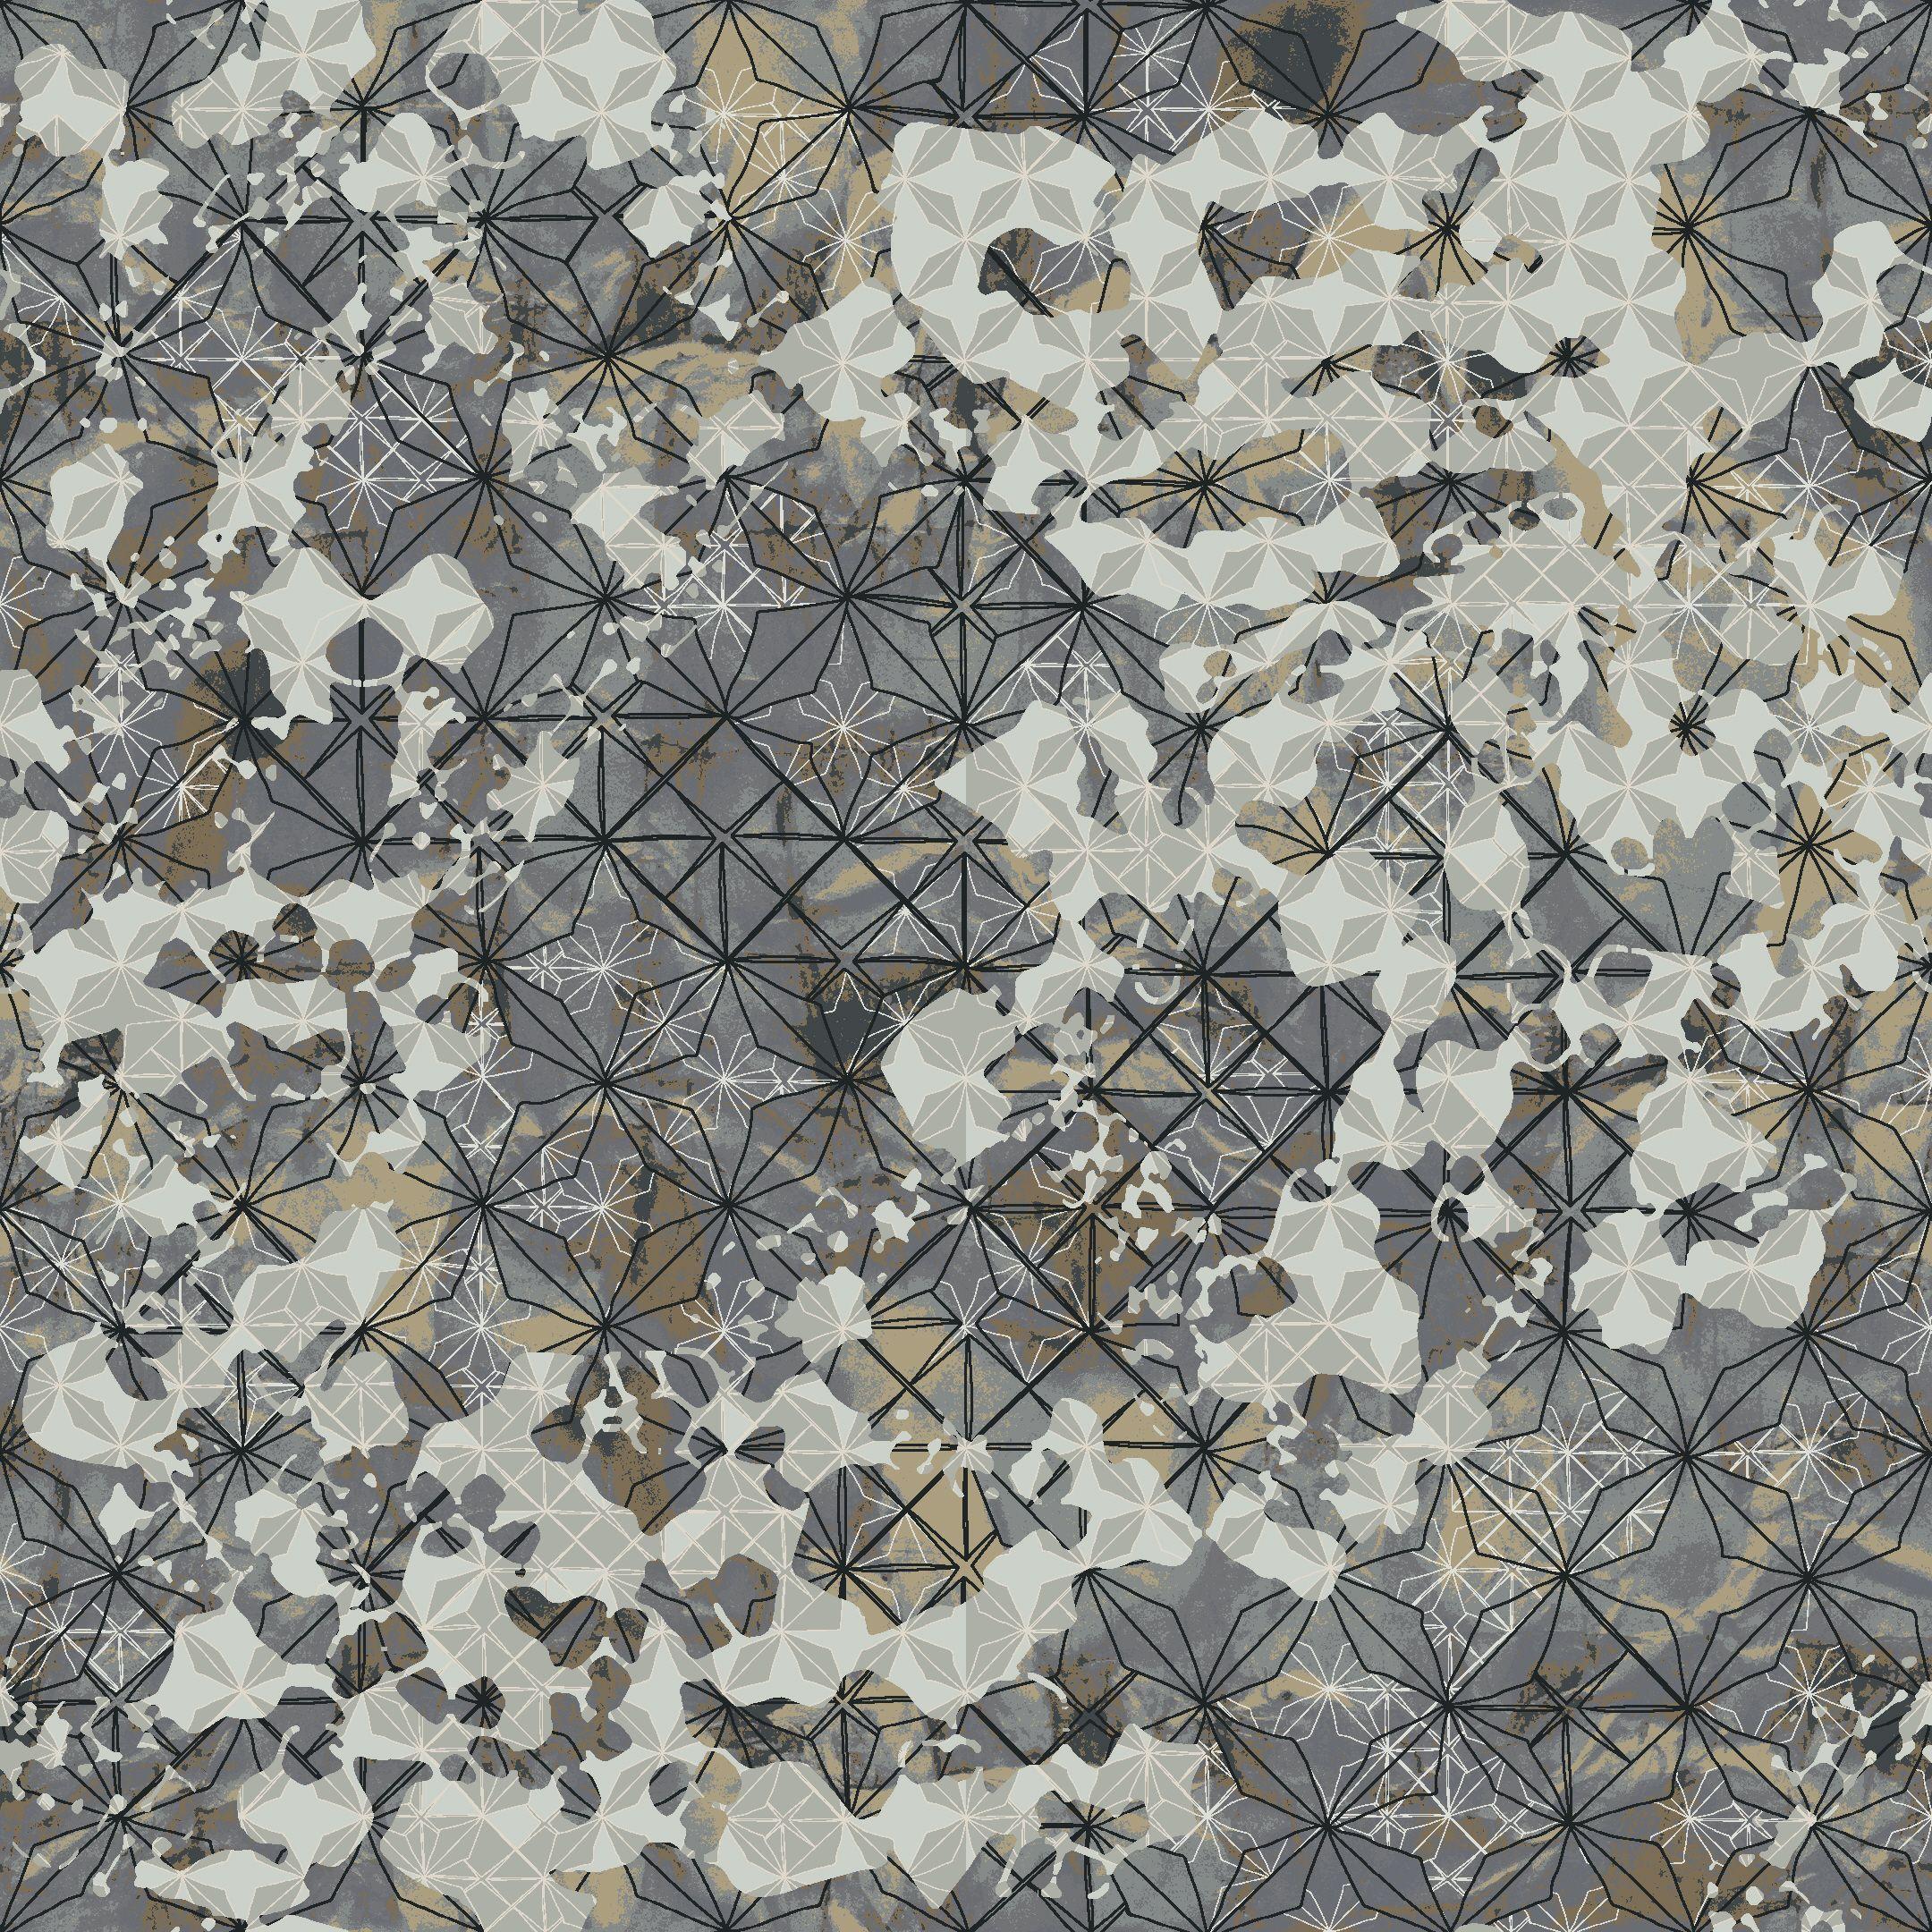 QTW43670 15' W x 15' L #Durkan #HospitalityDesign #Products #Carpet